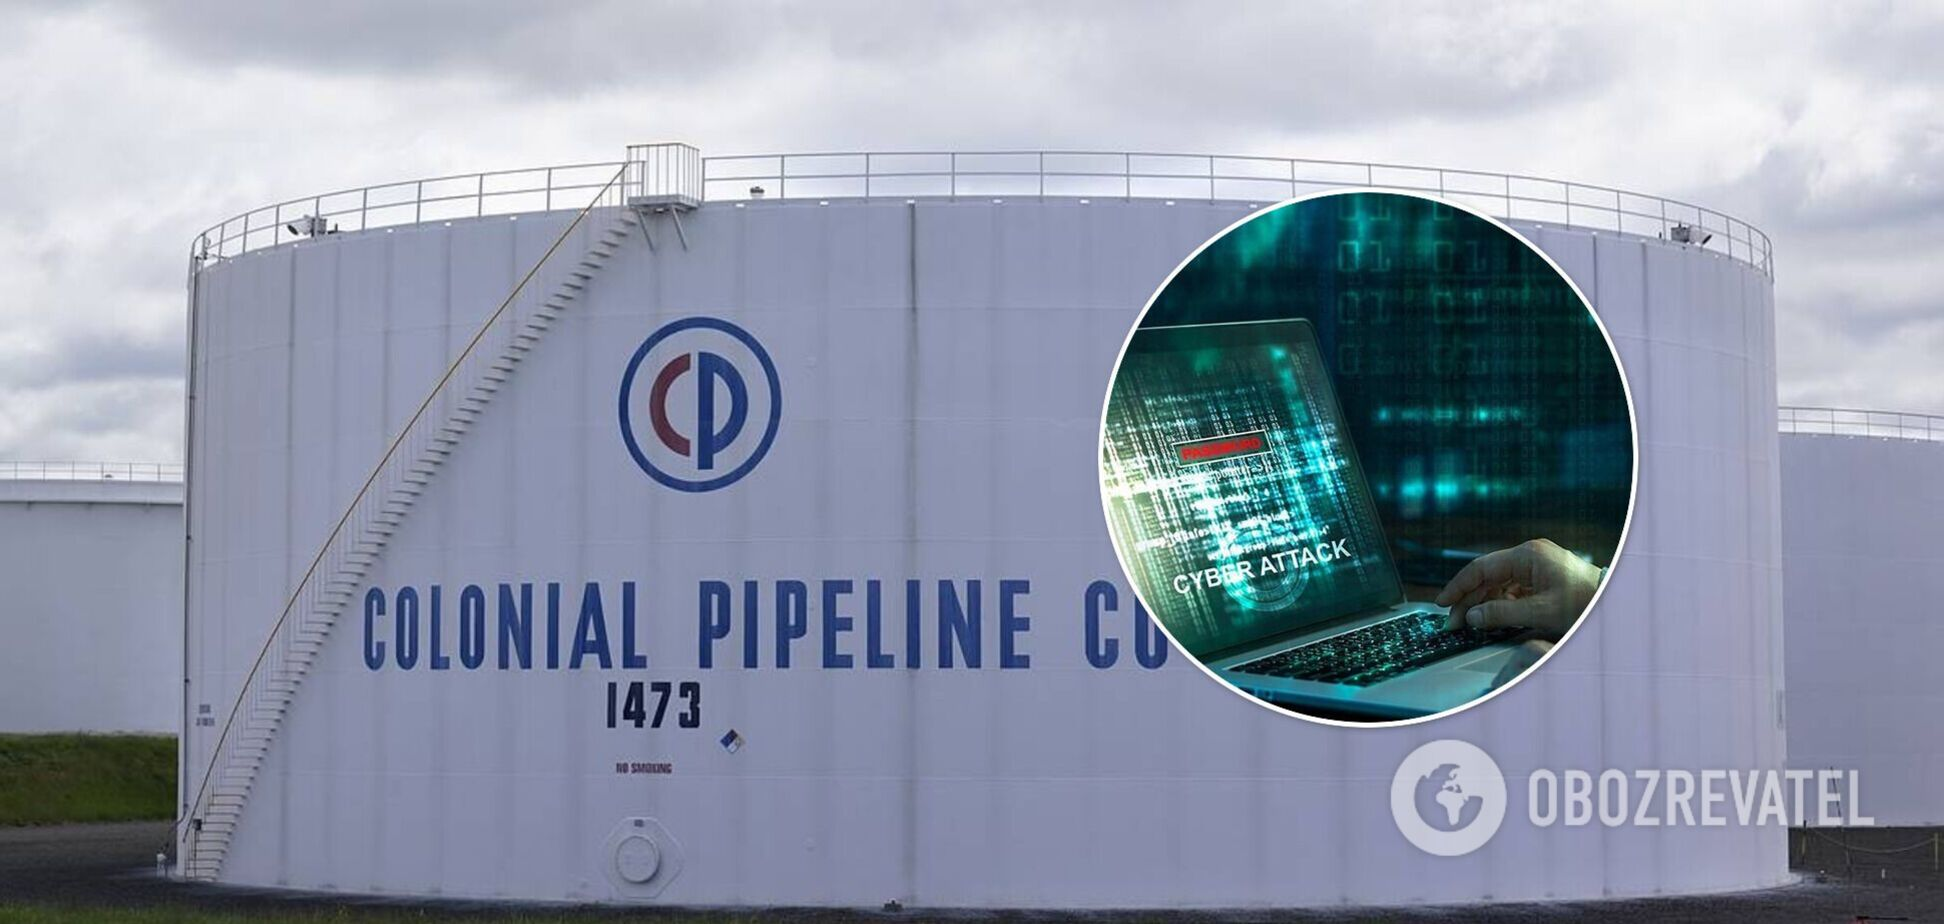 Трубопровод США Colonial Pipeline